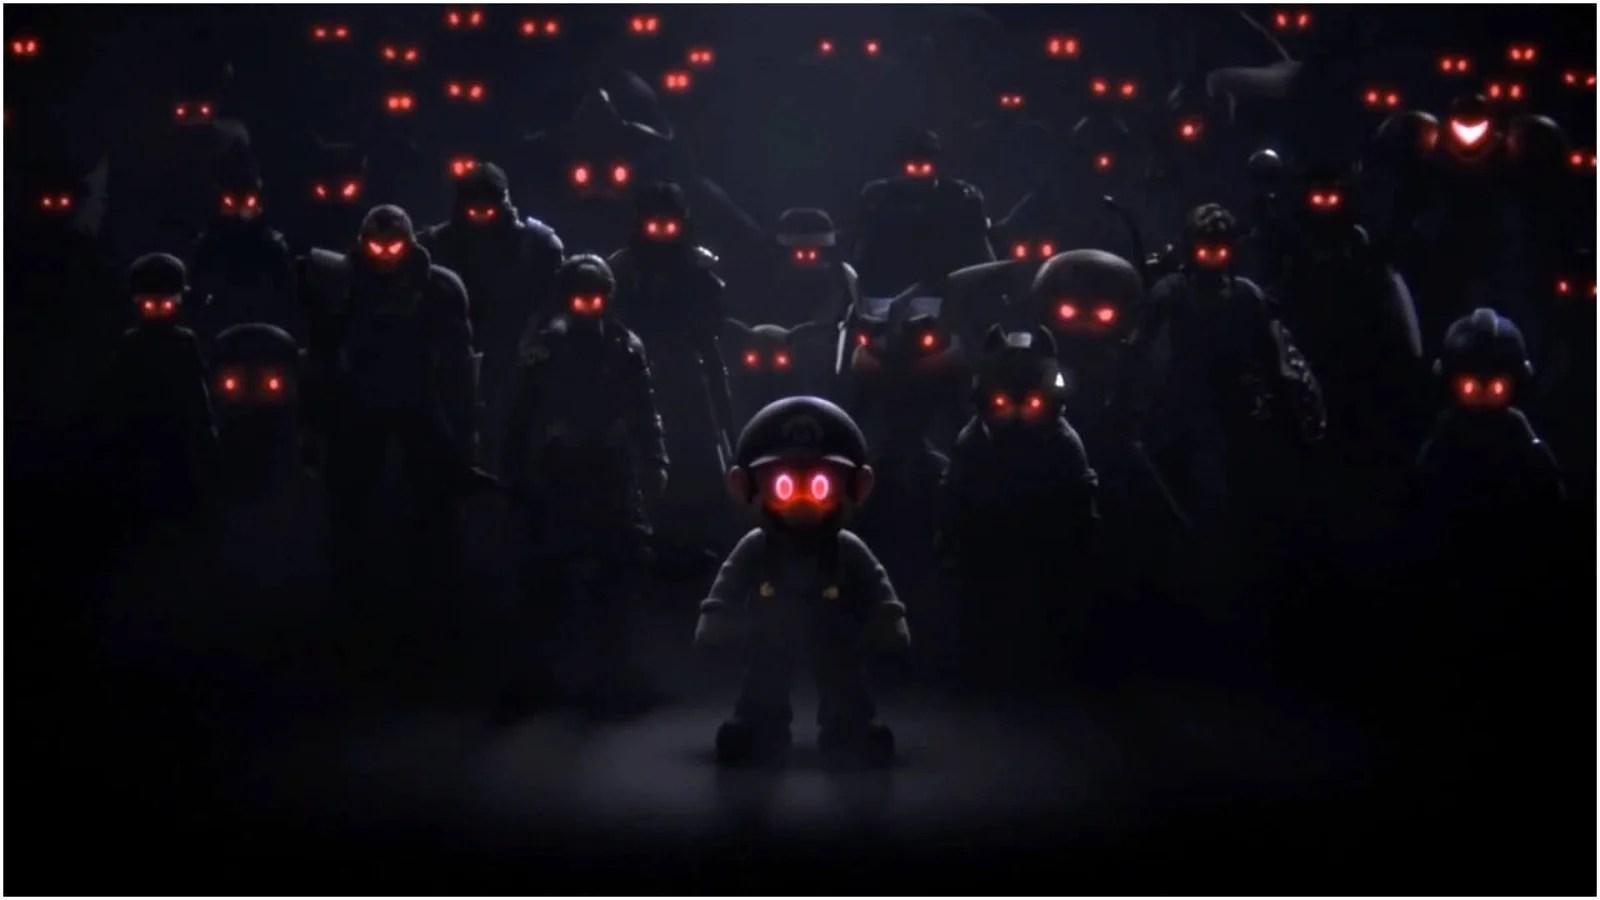 Evil Dark Spirit Girl Wallpaper Hd Smash Bros Ultimate Story Mode Revealed Alongside New